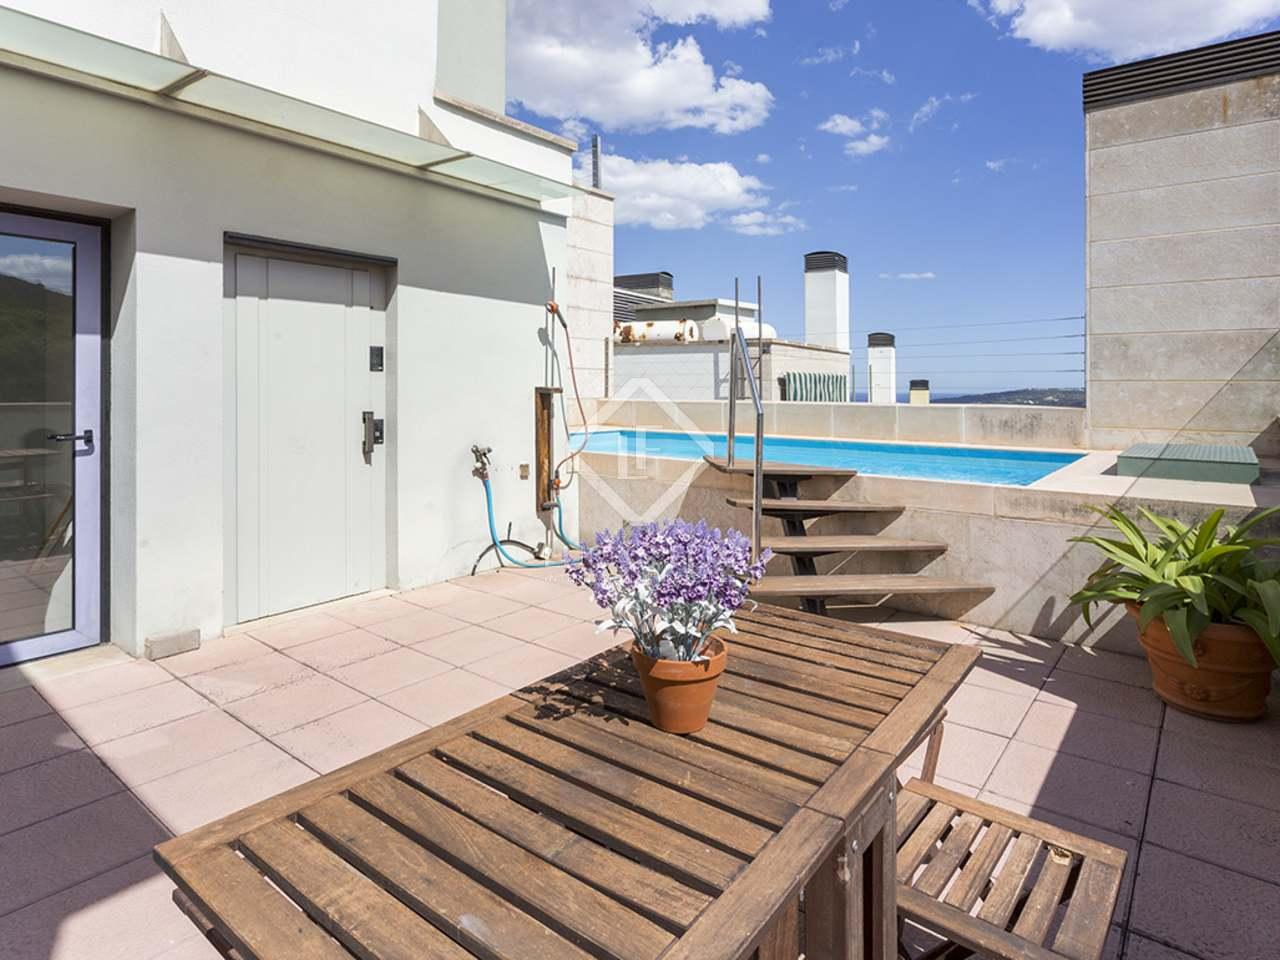 Casa de 260m con piscina en la azotea en venta en sarri for Casas con piscina baratas barcelona